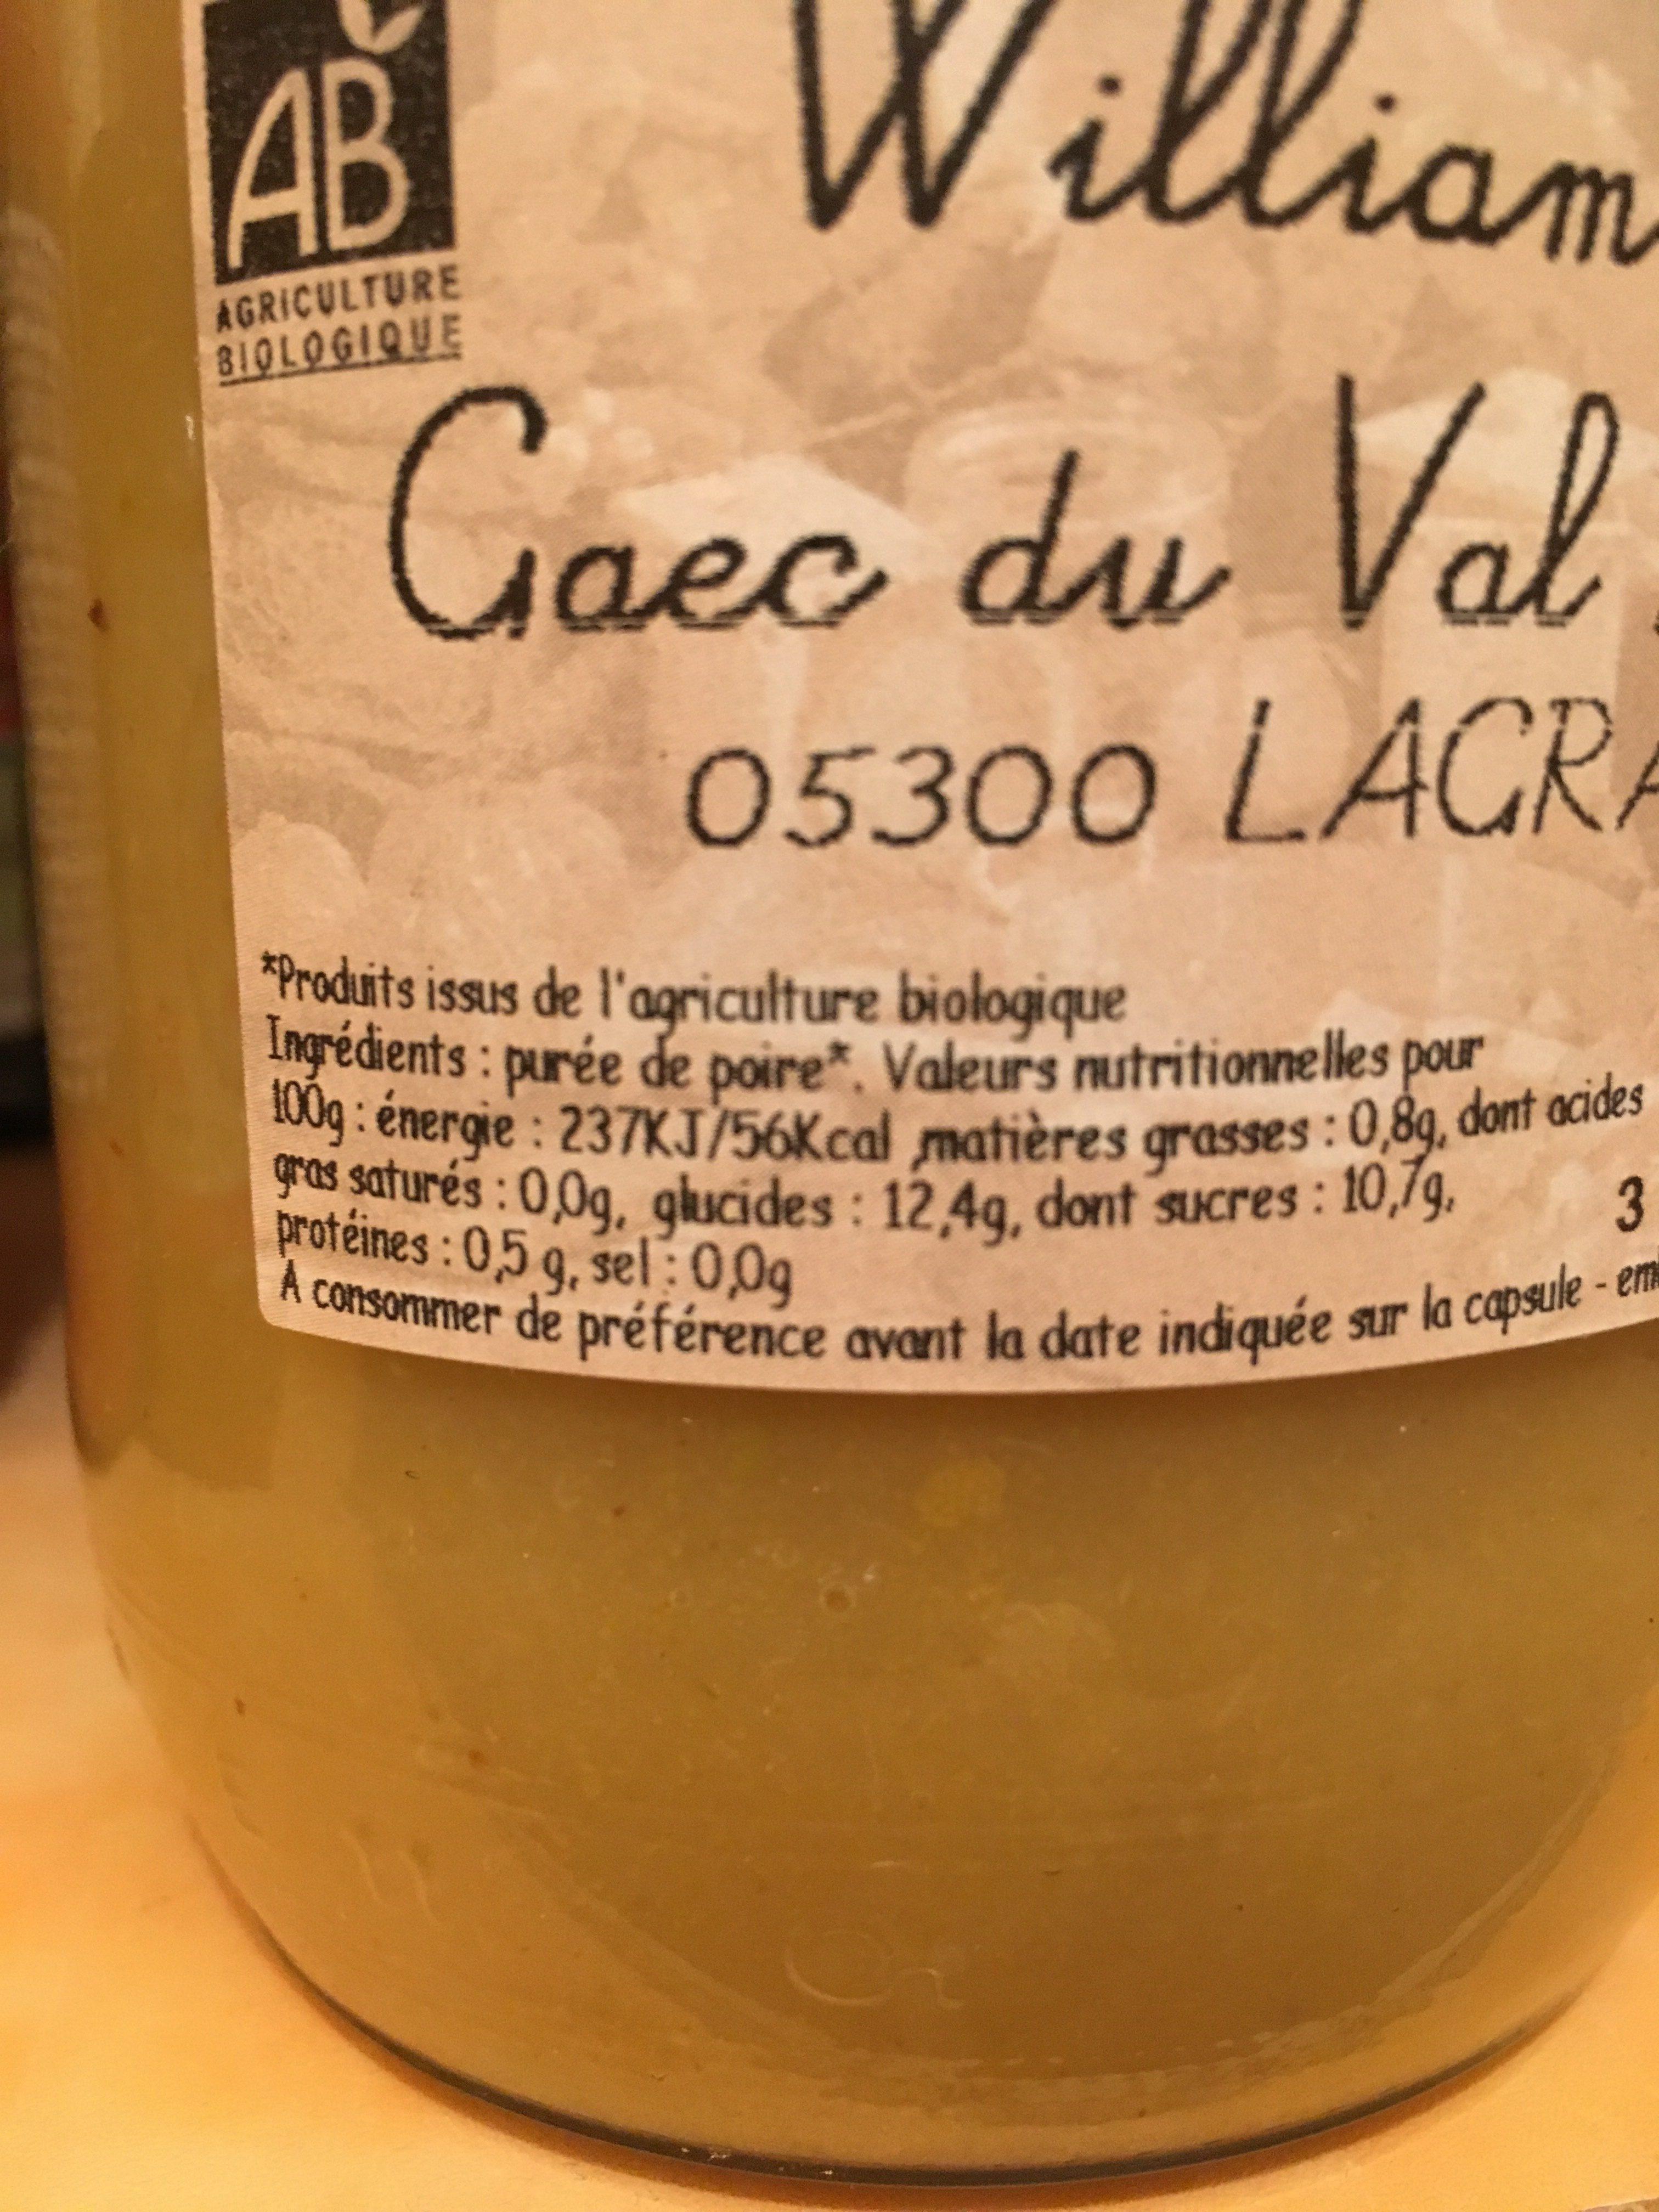 Purée de Poire Williams - Ingredienti - fr